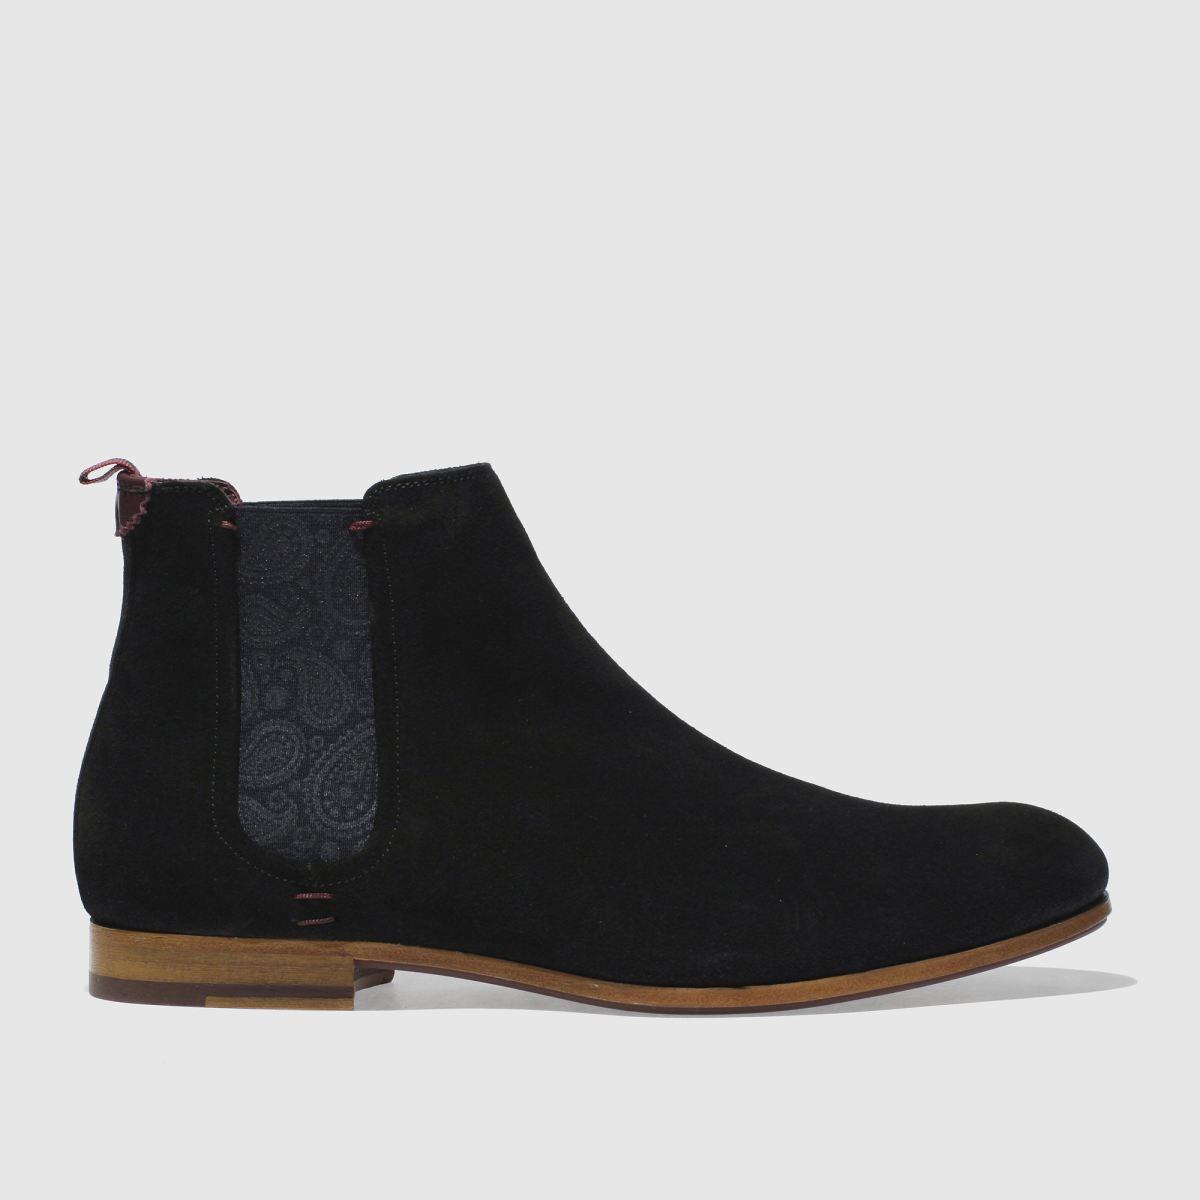 Ted Baker Black Saldor Boots